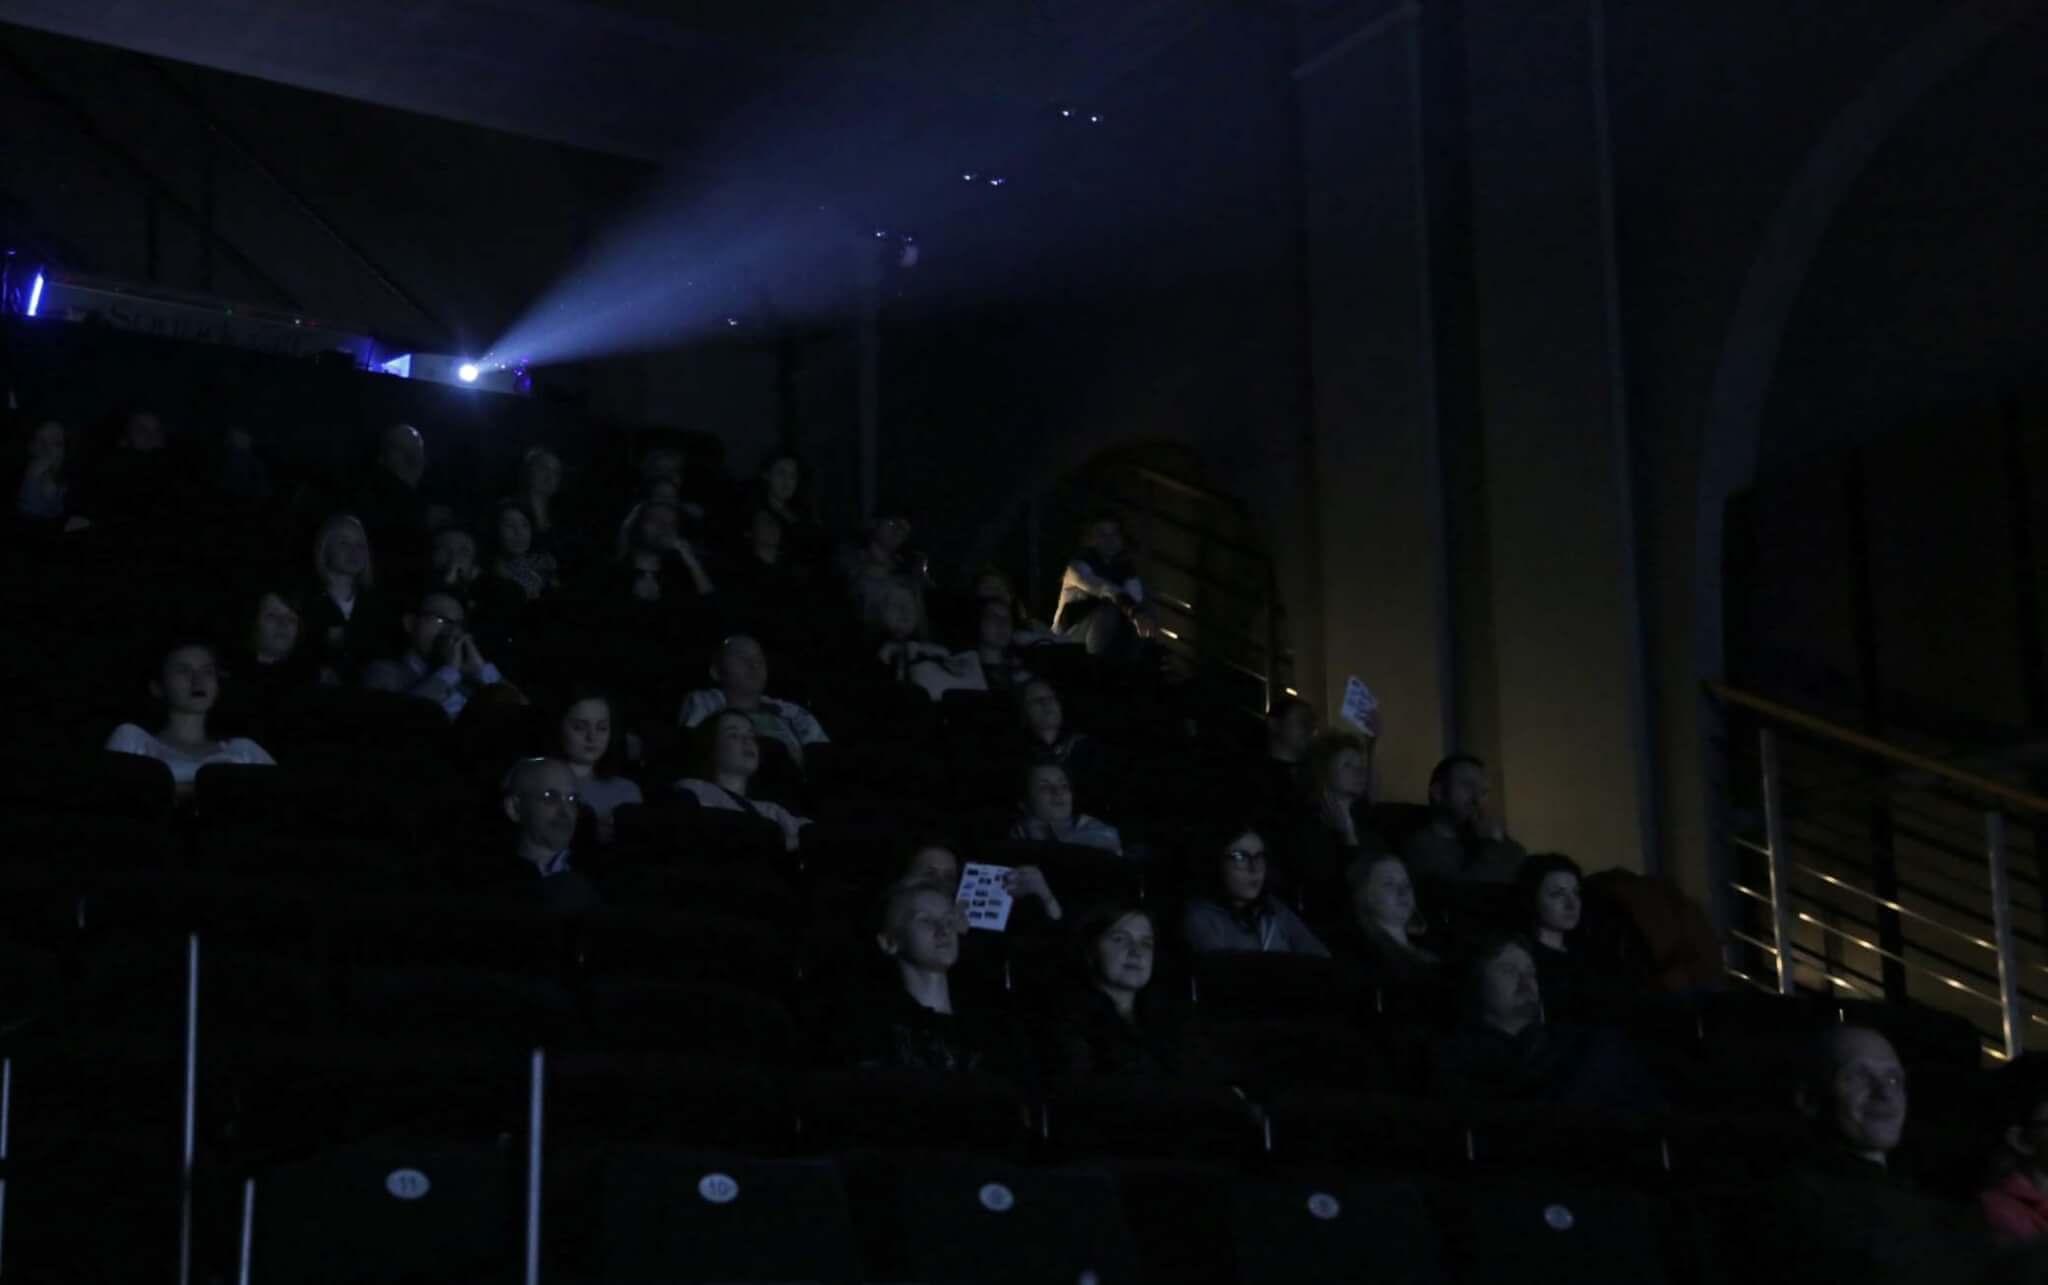 widzowie w sali kinowej